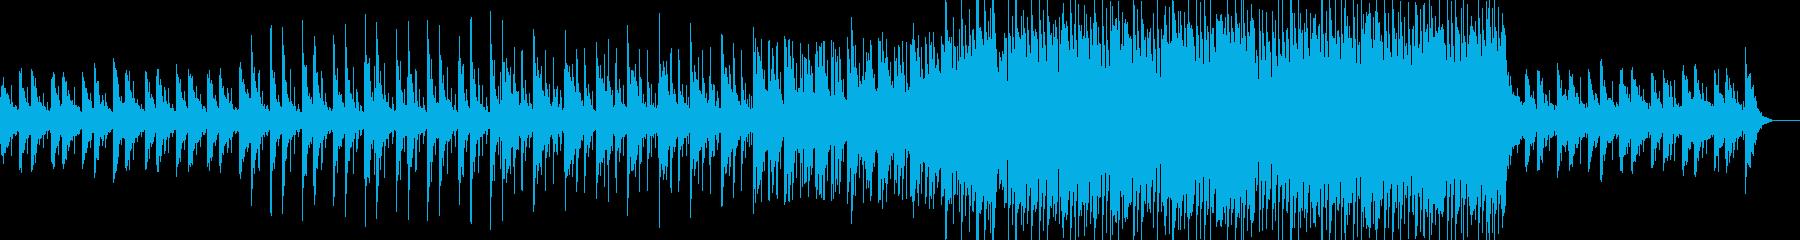 エンディング・爽やか・ウキウキ・EDMの再生済みの波形